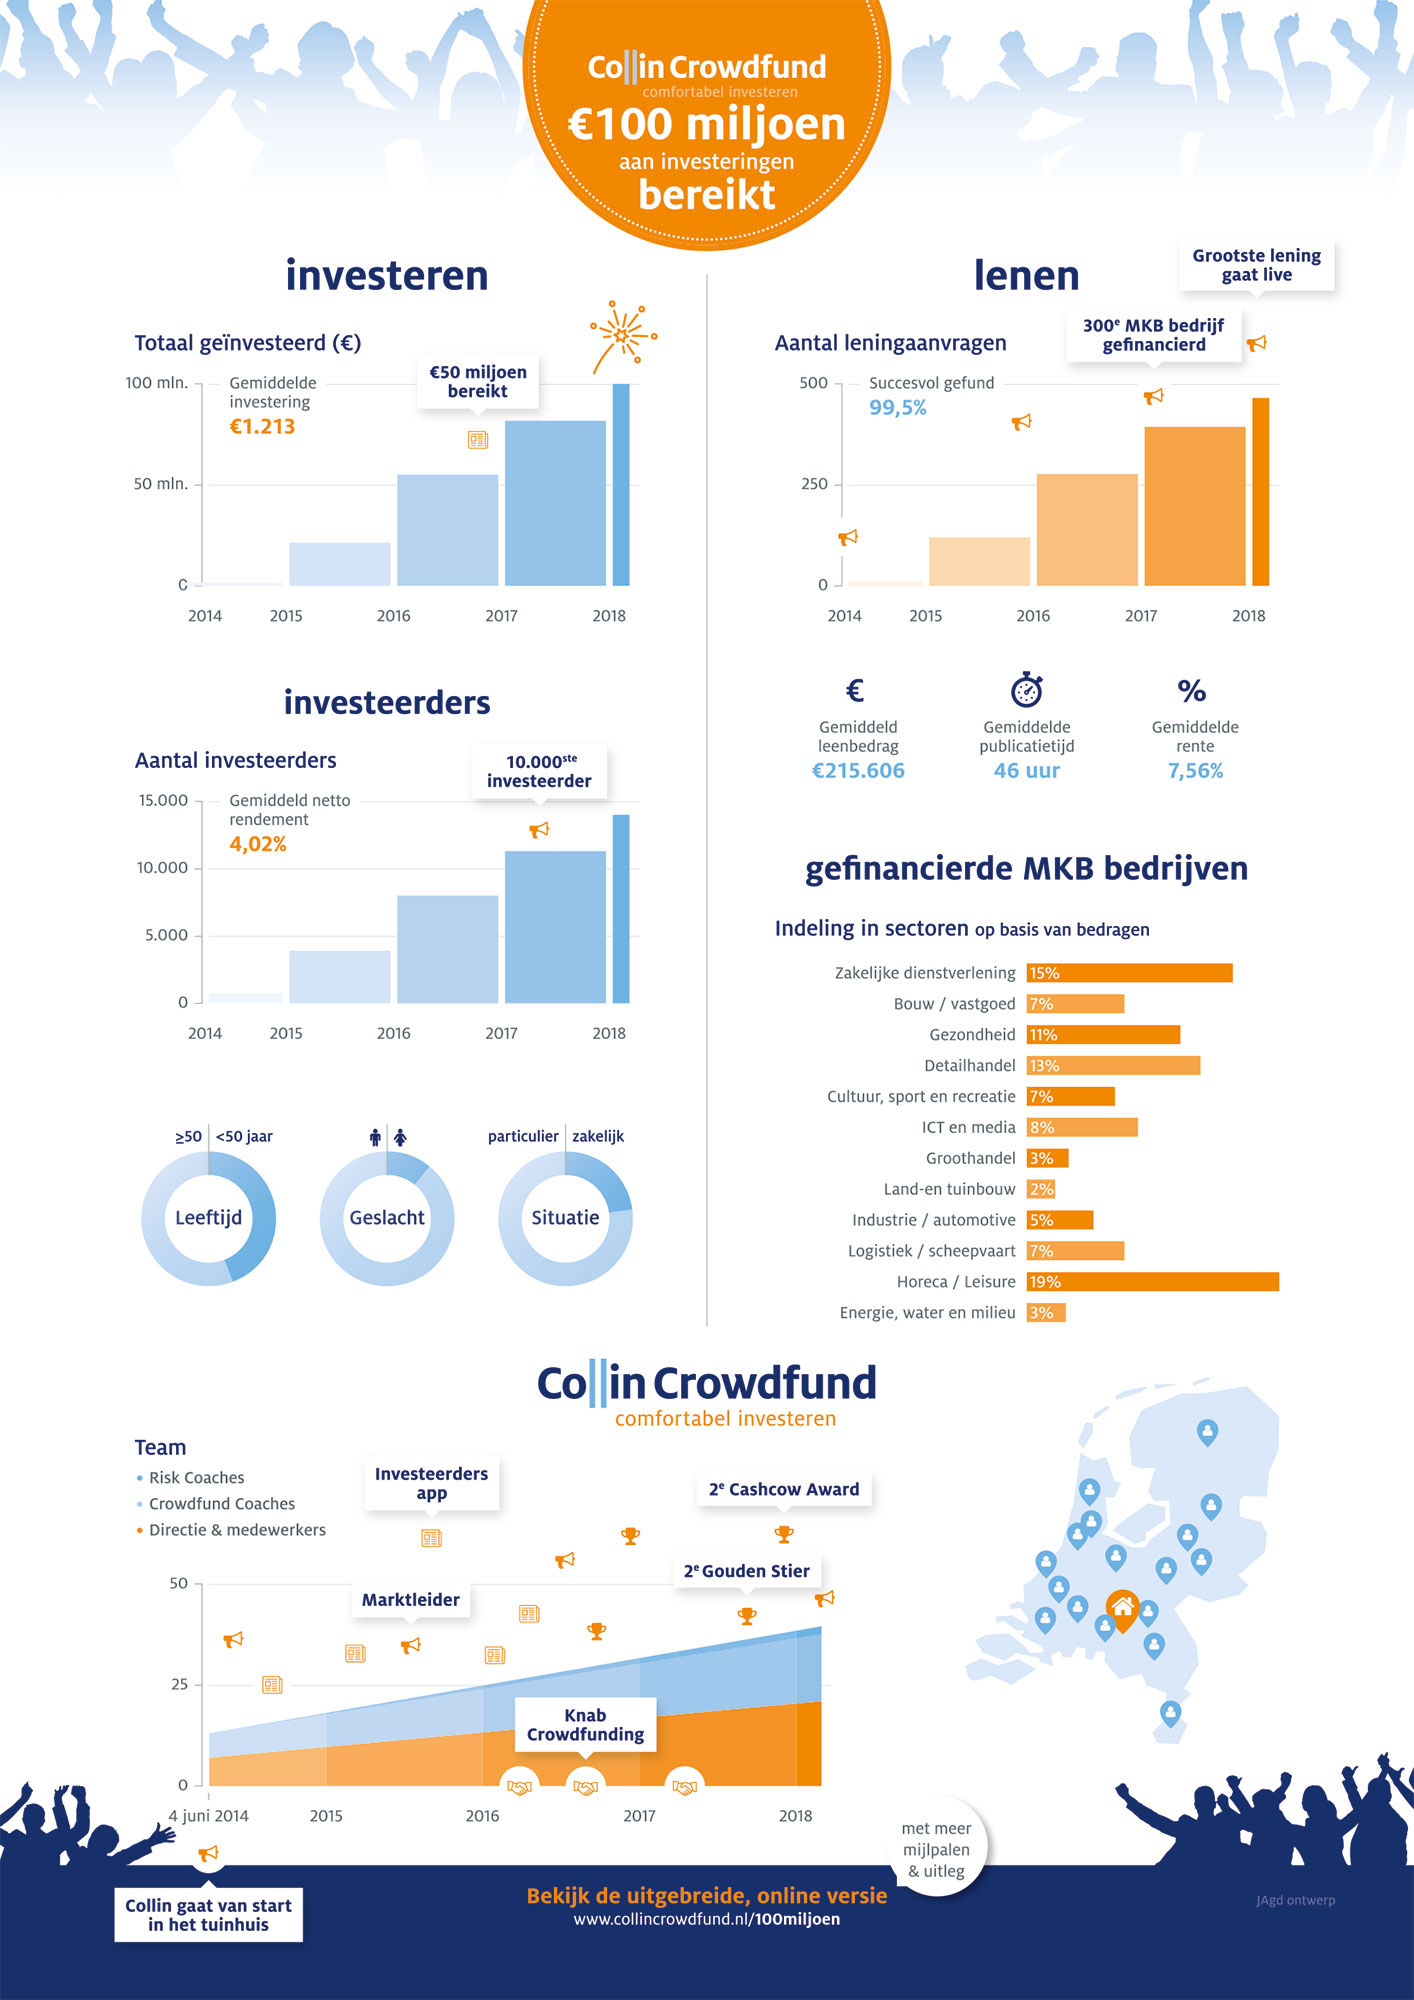 100 miljoen bereikt Collin Crowdfund infographic JAgd ontwerp